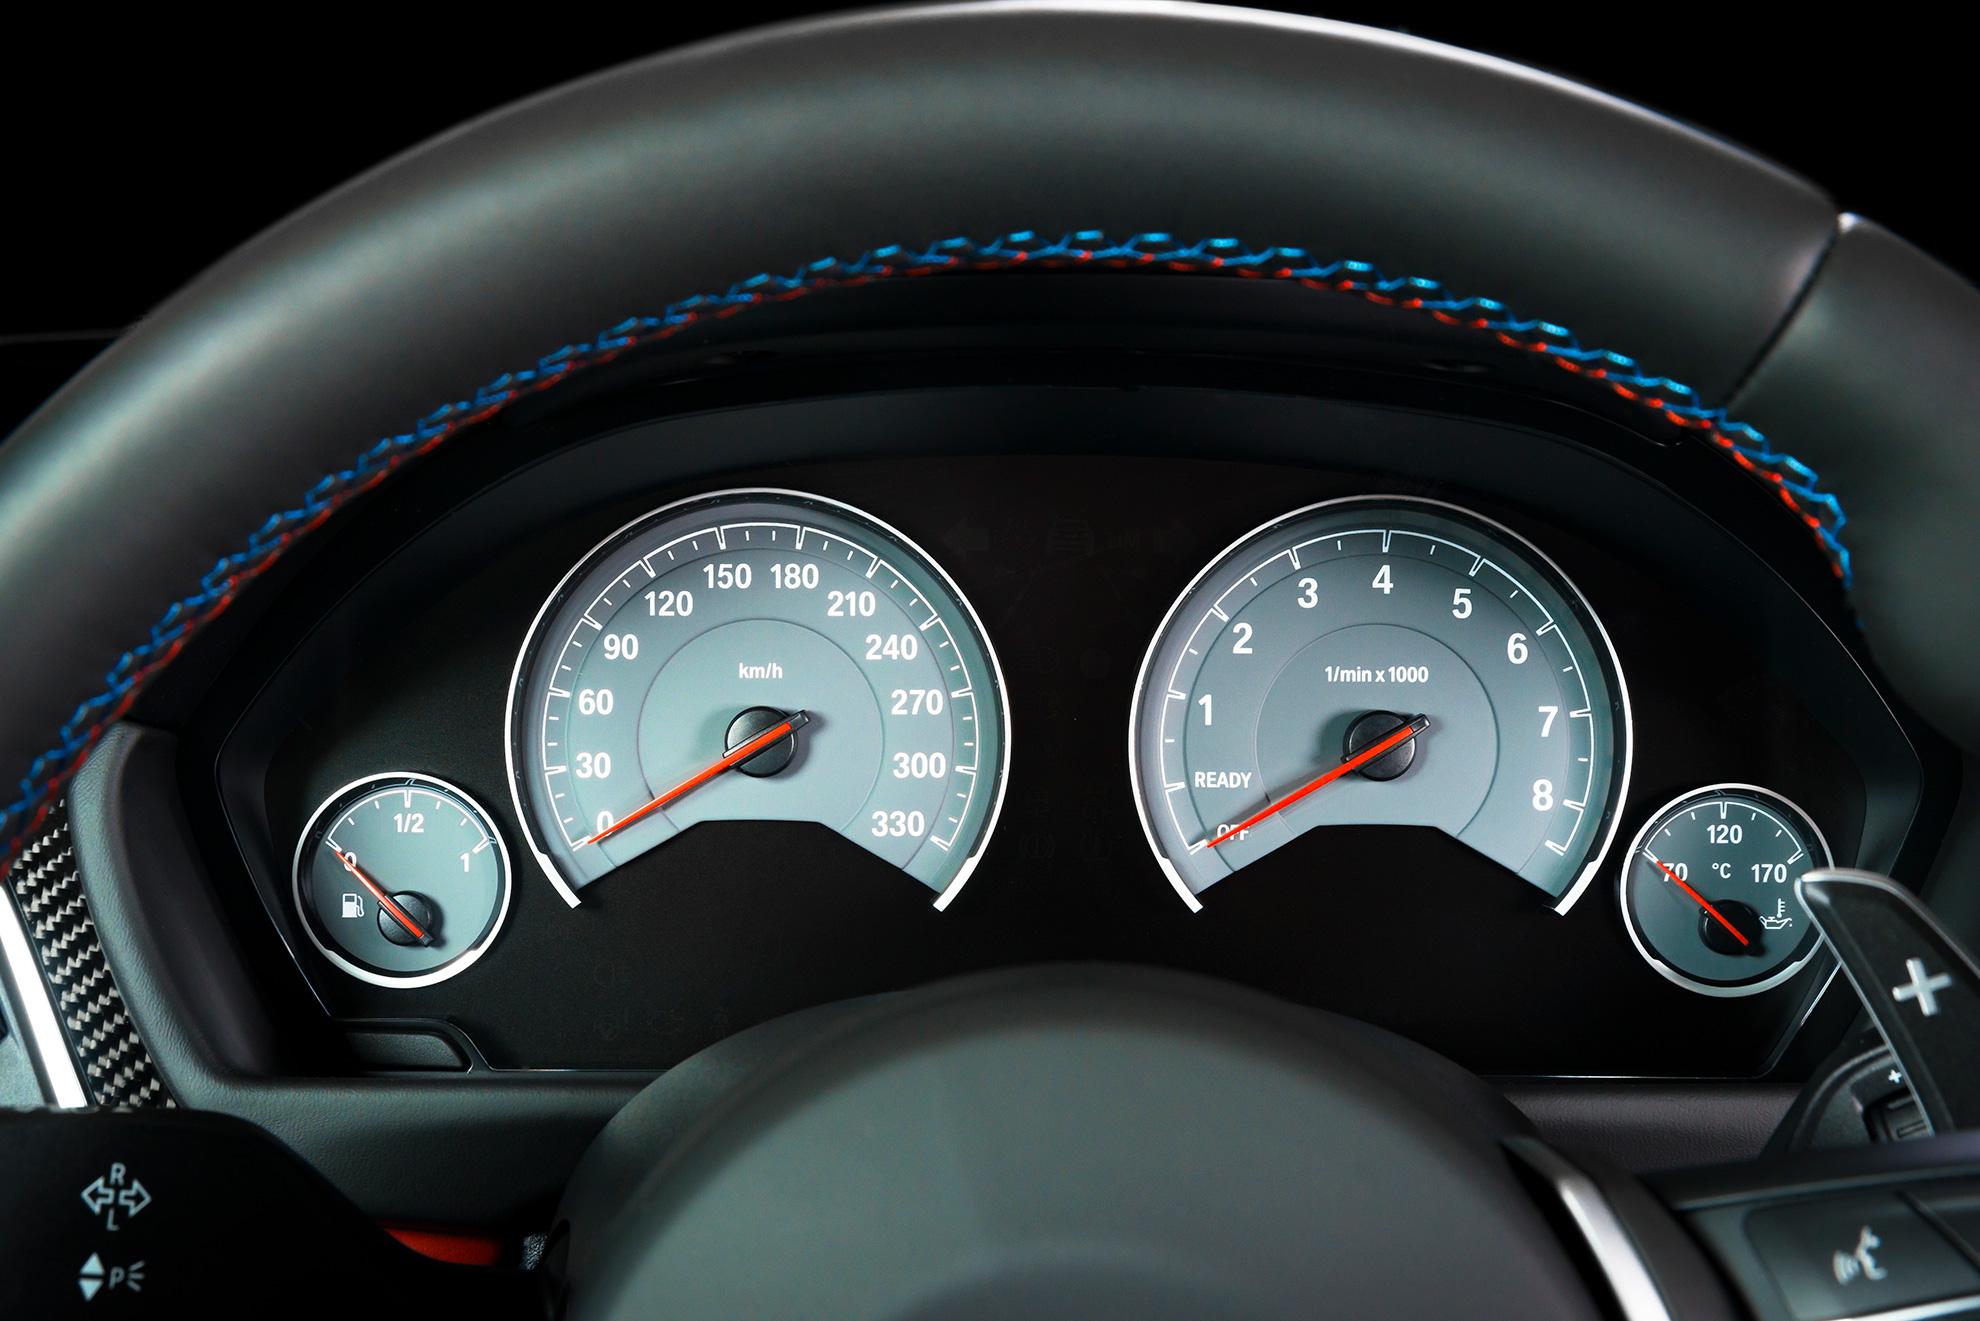 Zegary samochodowe, ilustracja do artykułu o odcinkowym pomiarze prędkości